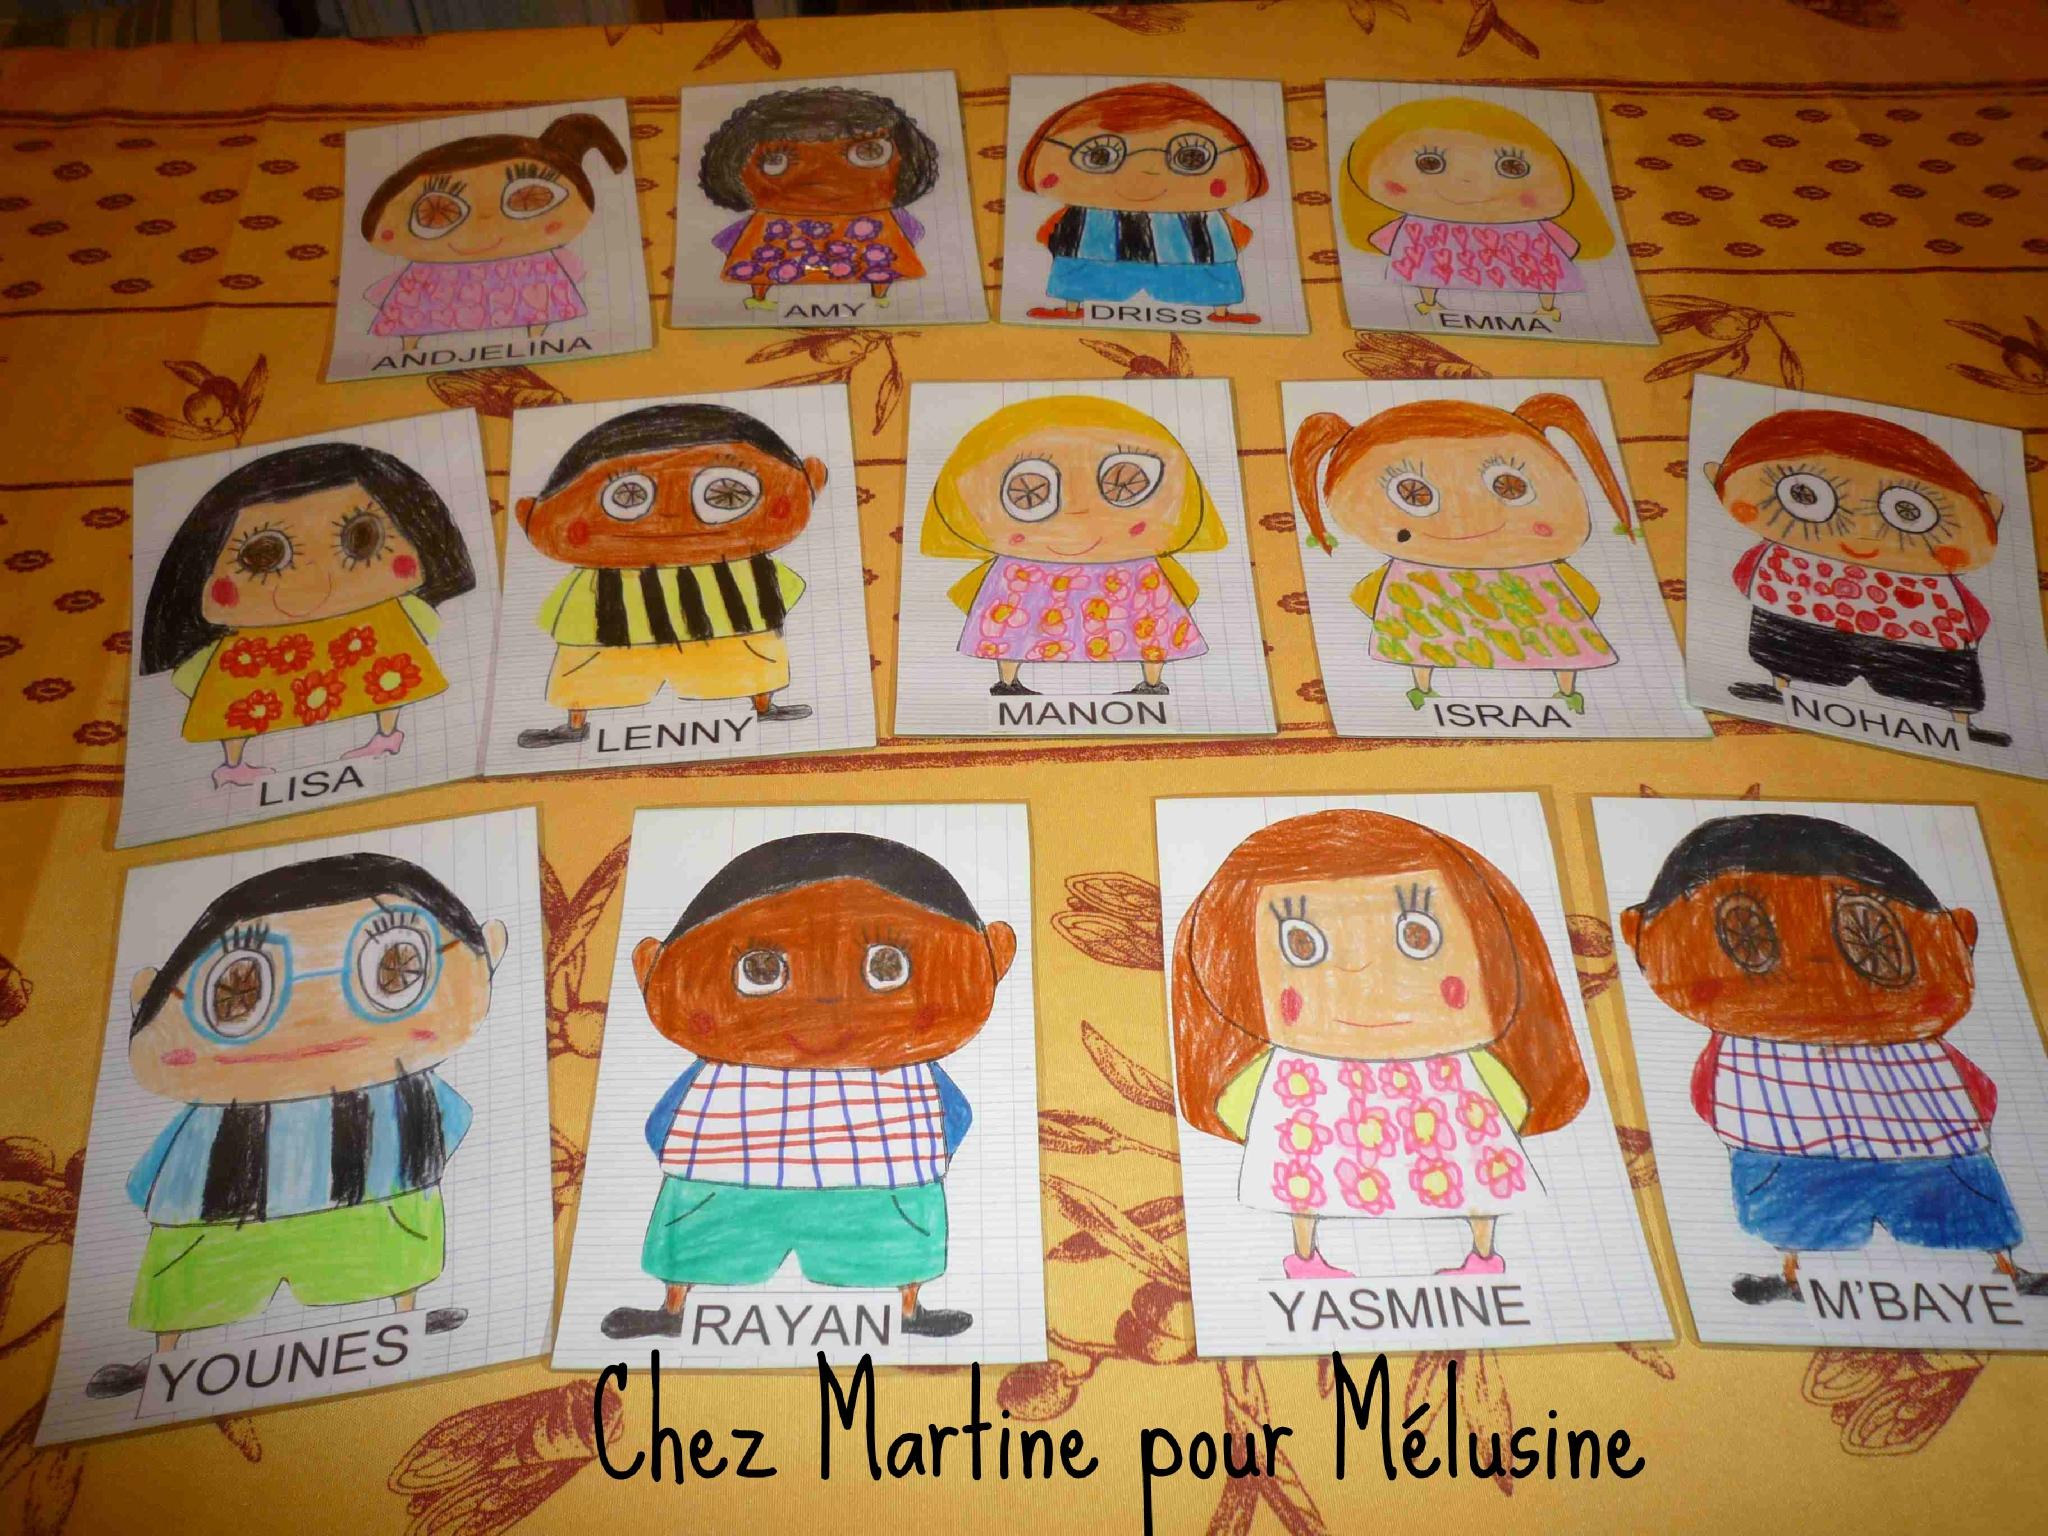 Berühmt Les étiquettes de porte-manteaux de Martine - la classe de Mélusine HW69